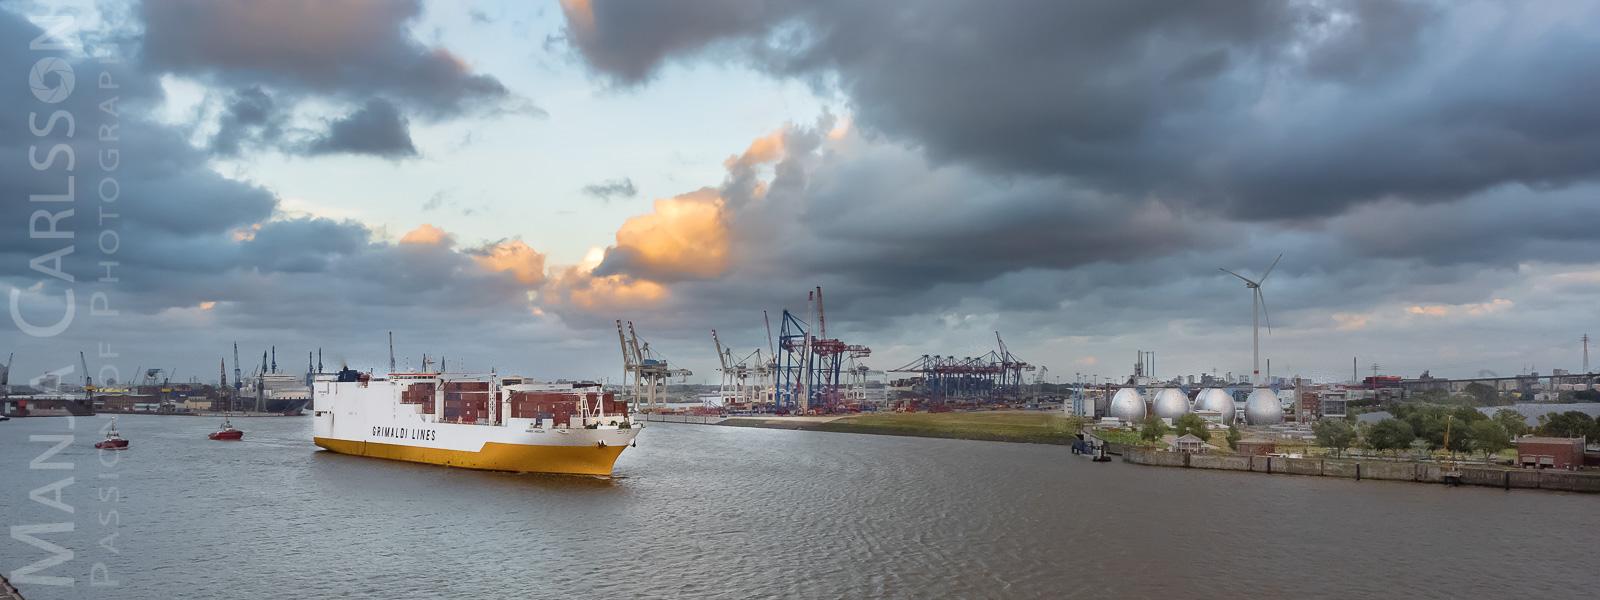 Containerschiff Grimaldi Lines verlässt den Hamburger Hafen